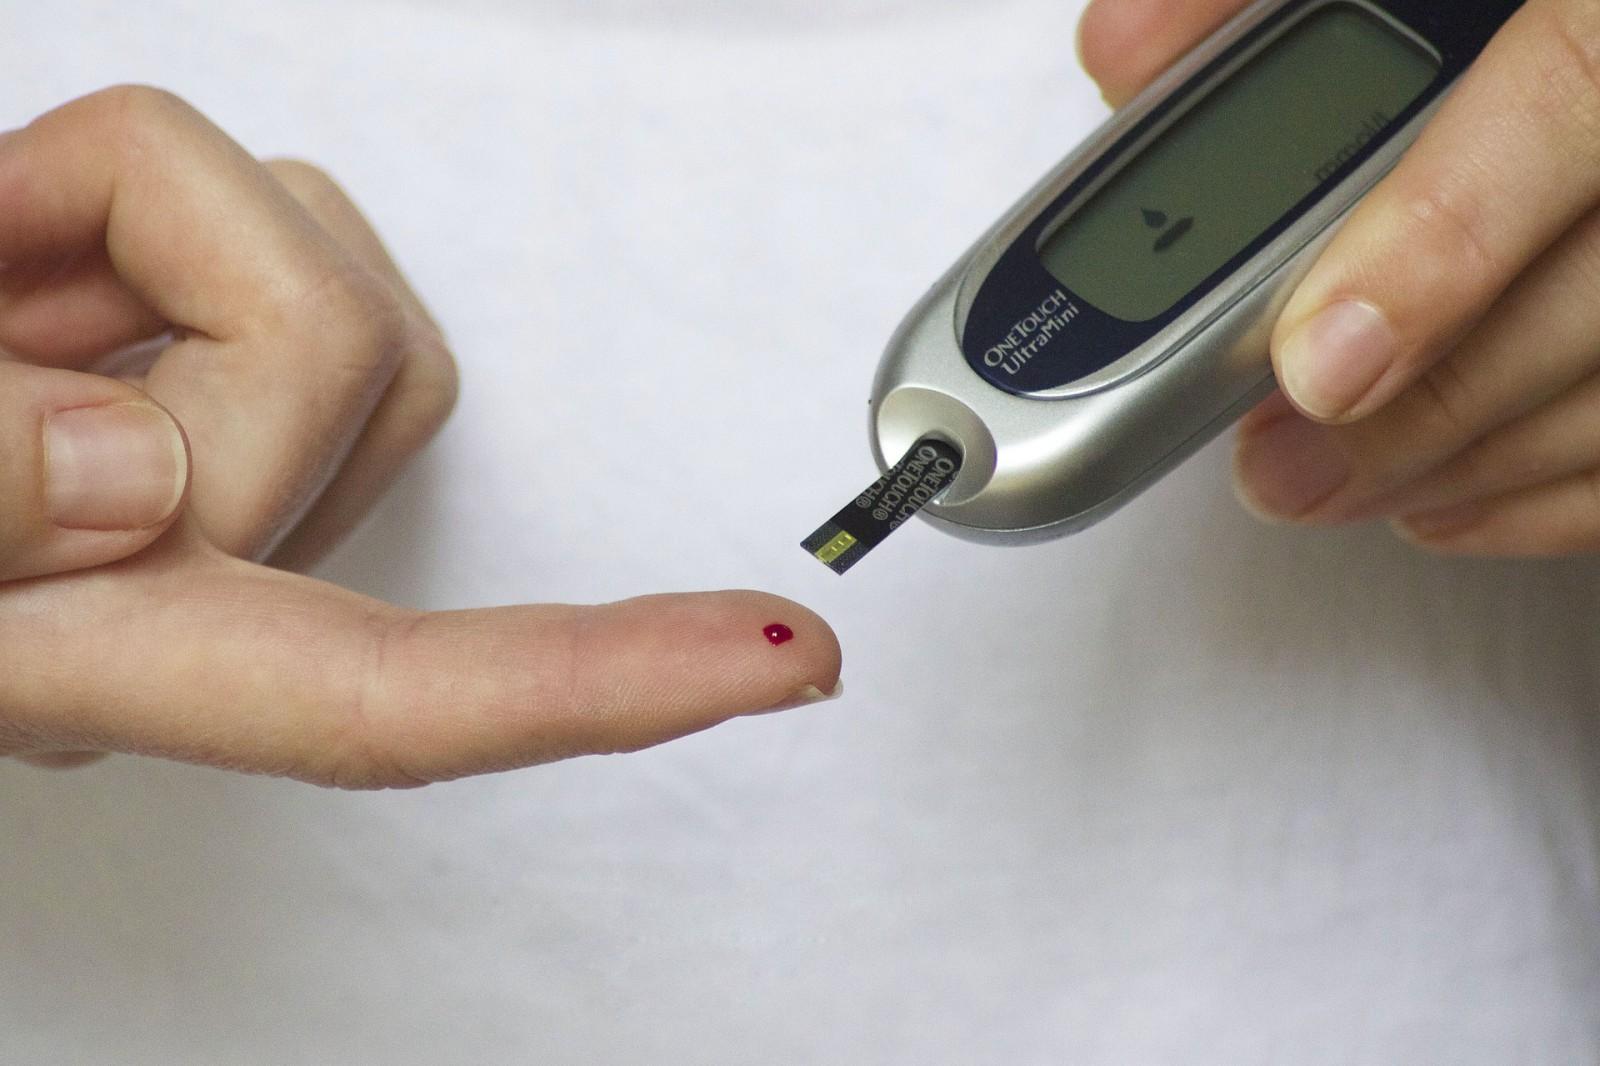 controlla la glicemia nel sangue